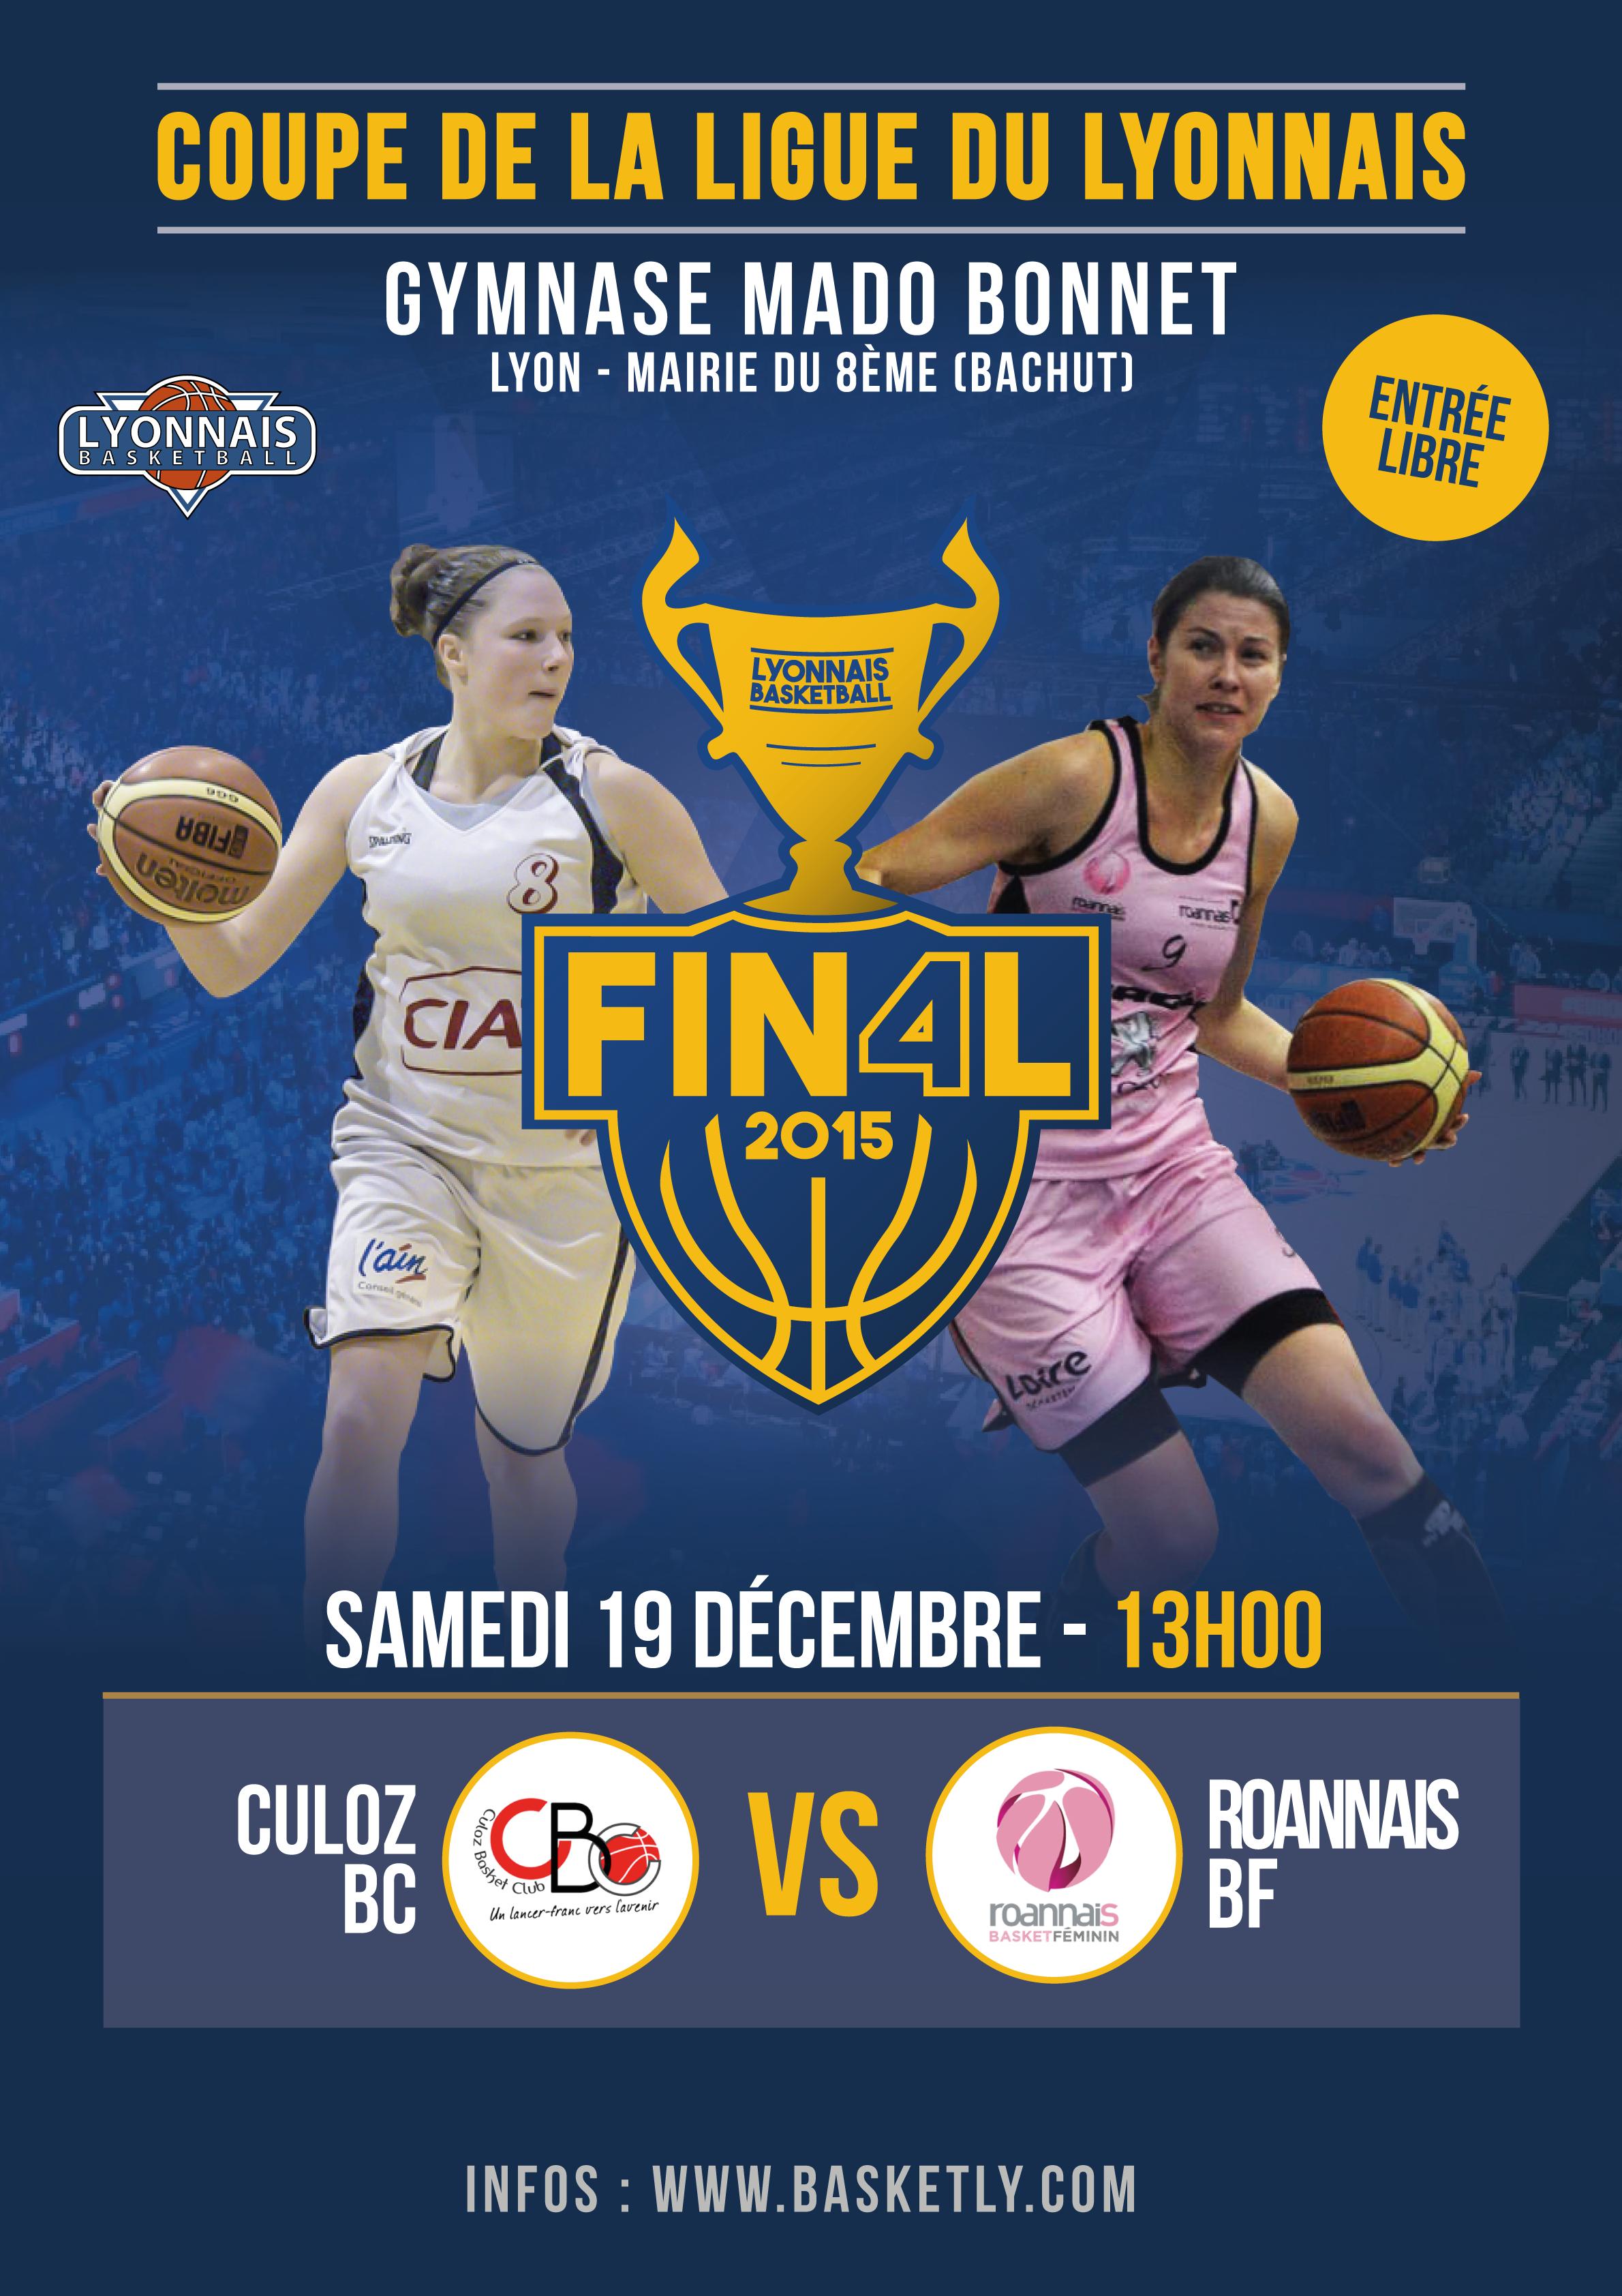 Culoz-BC-vs-Roannais-BF